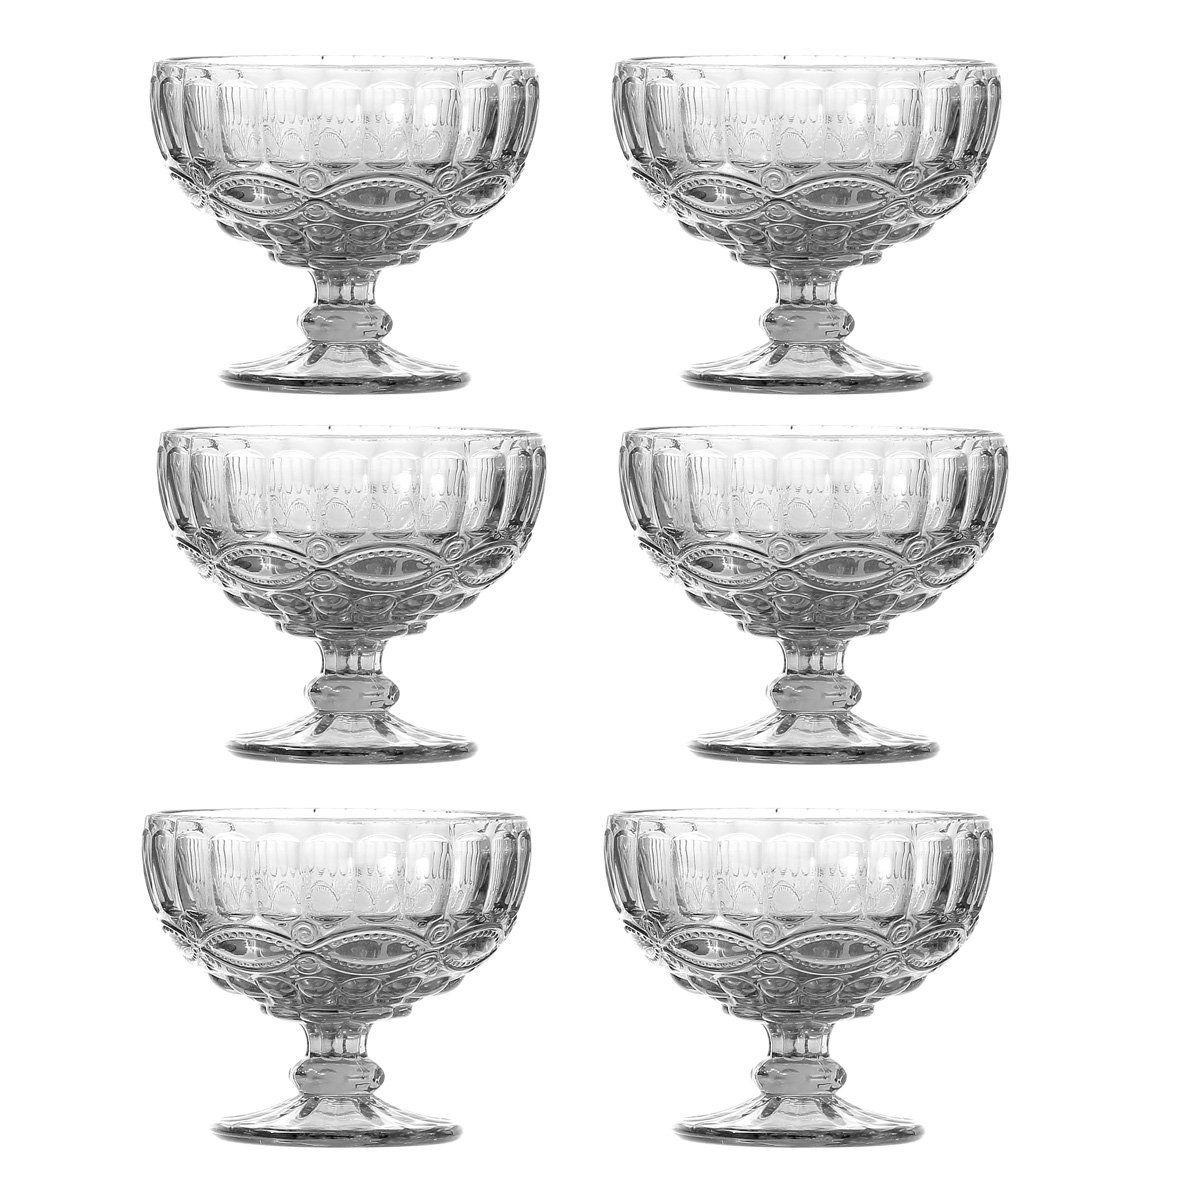 Jogo 6 taças coupe 12 cm para sobremesa de vidro transparente Libélula Lyor - L6480